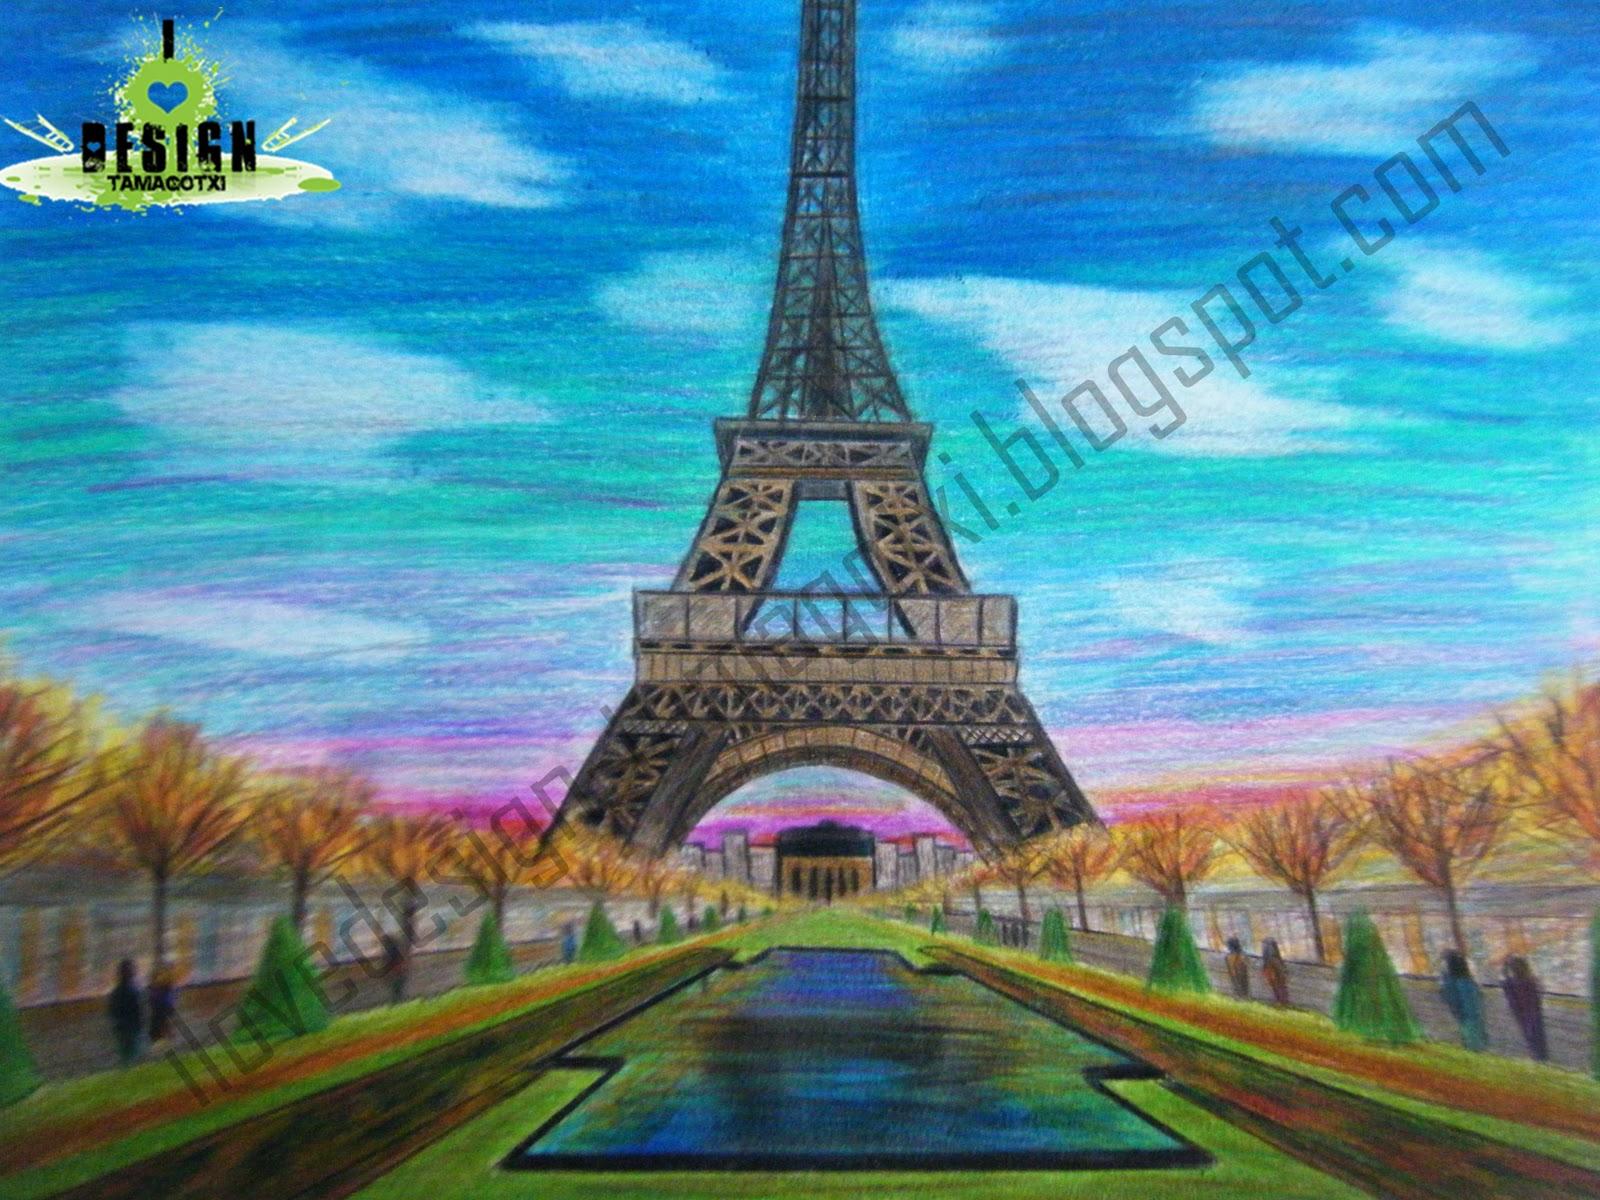 Dibujos de paisajes a color  Imagui